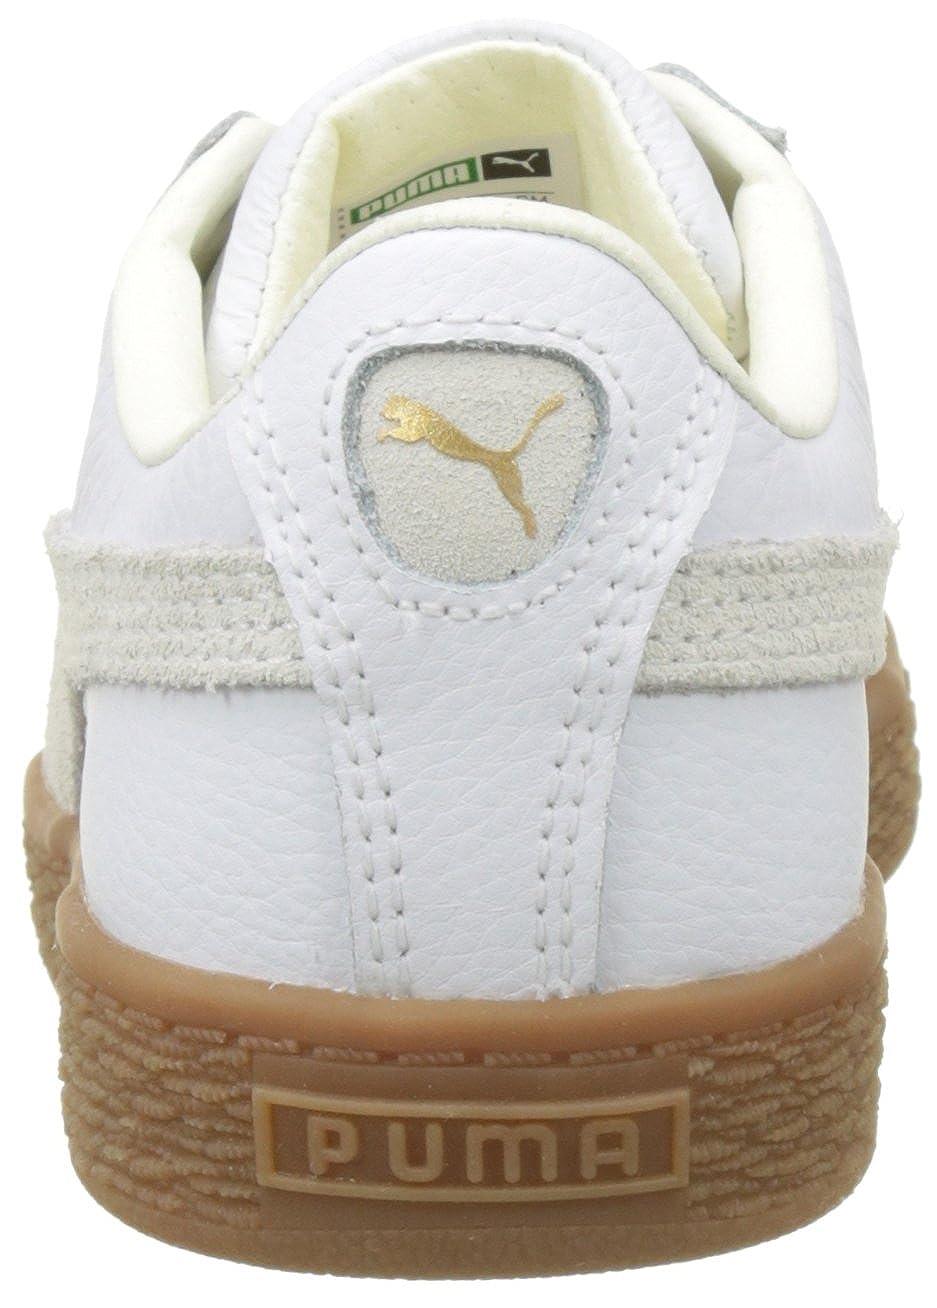 81e4b90fc2e Puma Basket Classic Gum Deluxe PS